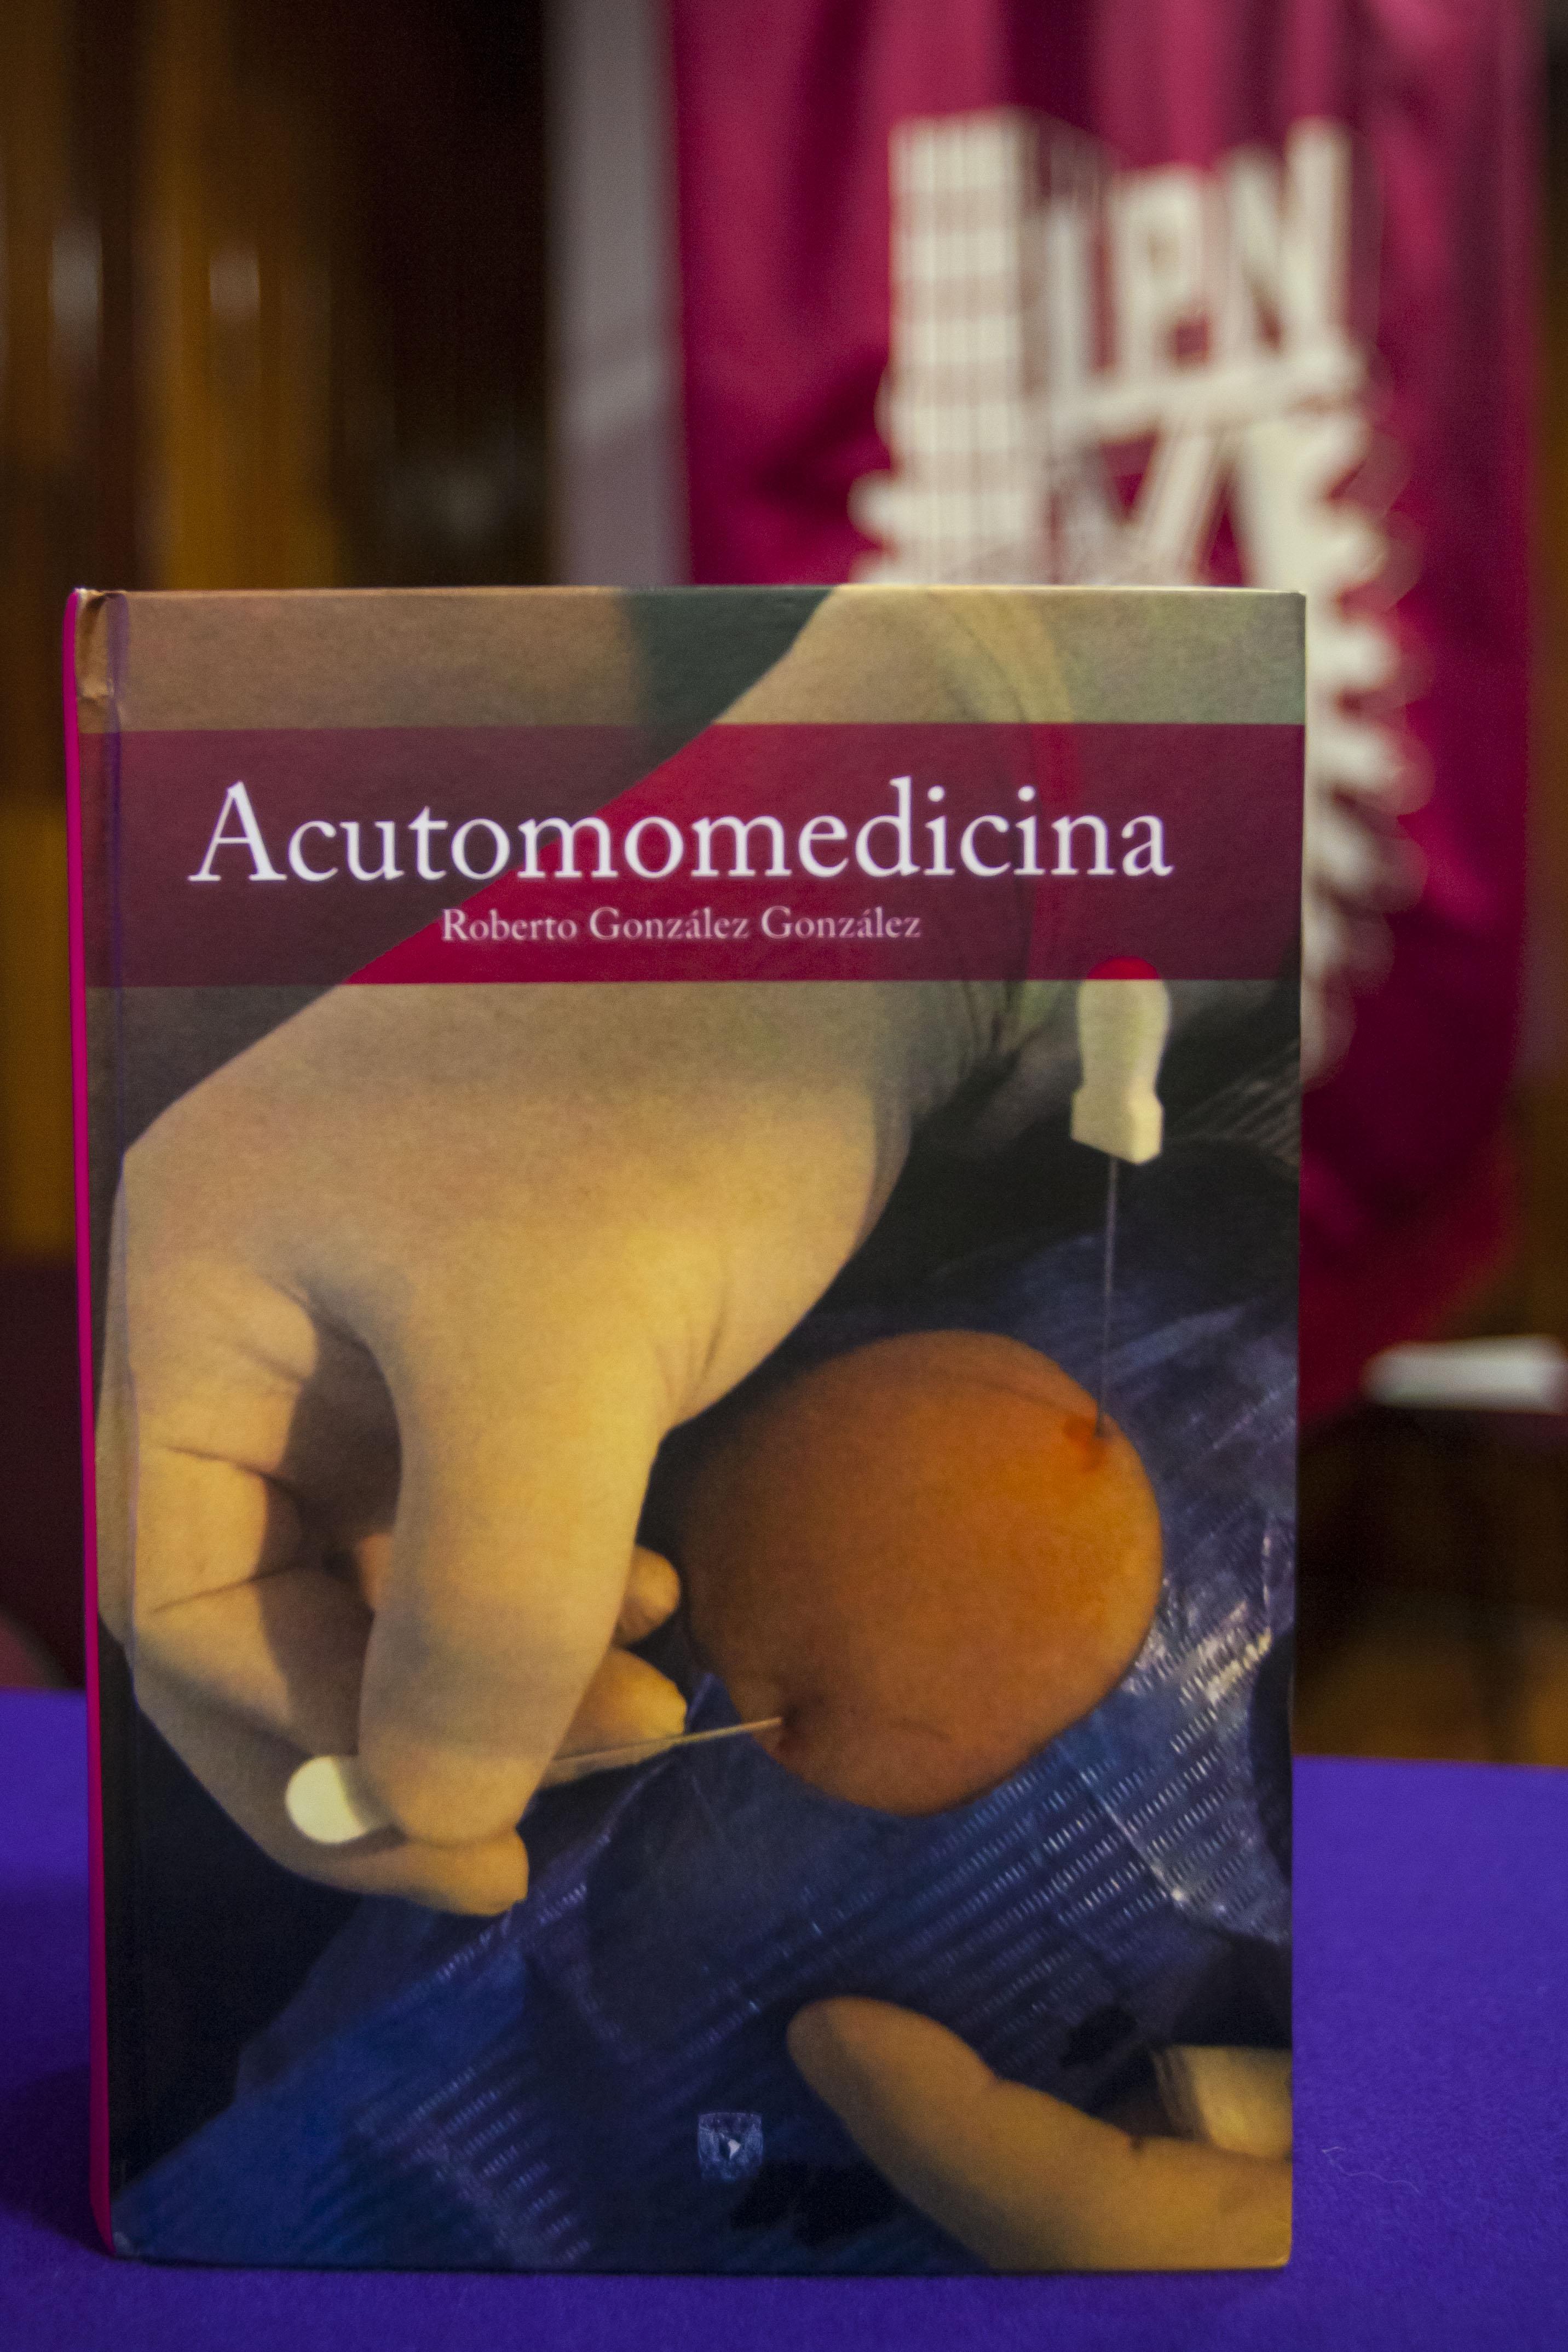 PRESENTA IPN EL ÚNICO LIBRO DE ACUTOMOMEDICINA EN OCCIDENTE (4).jpg